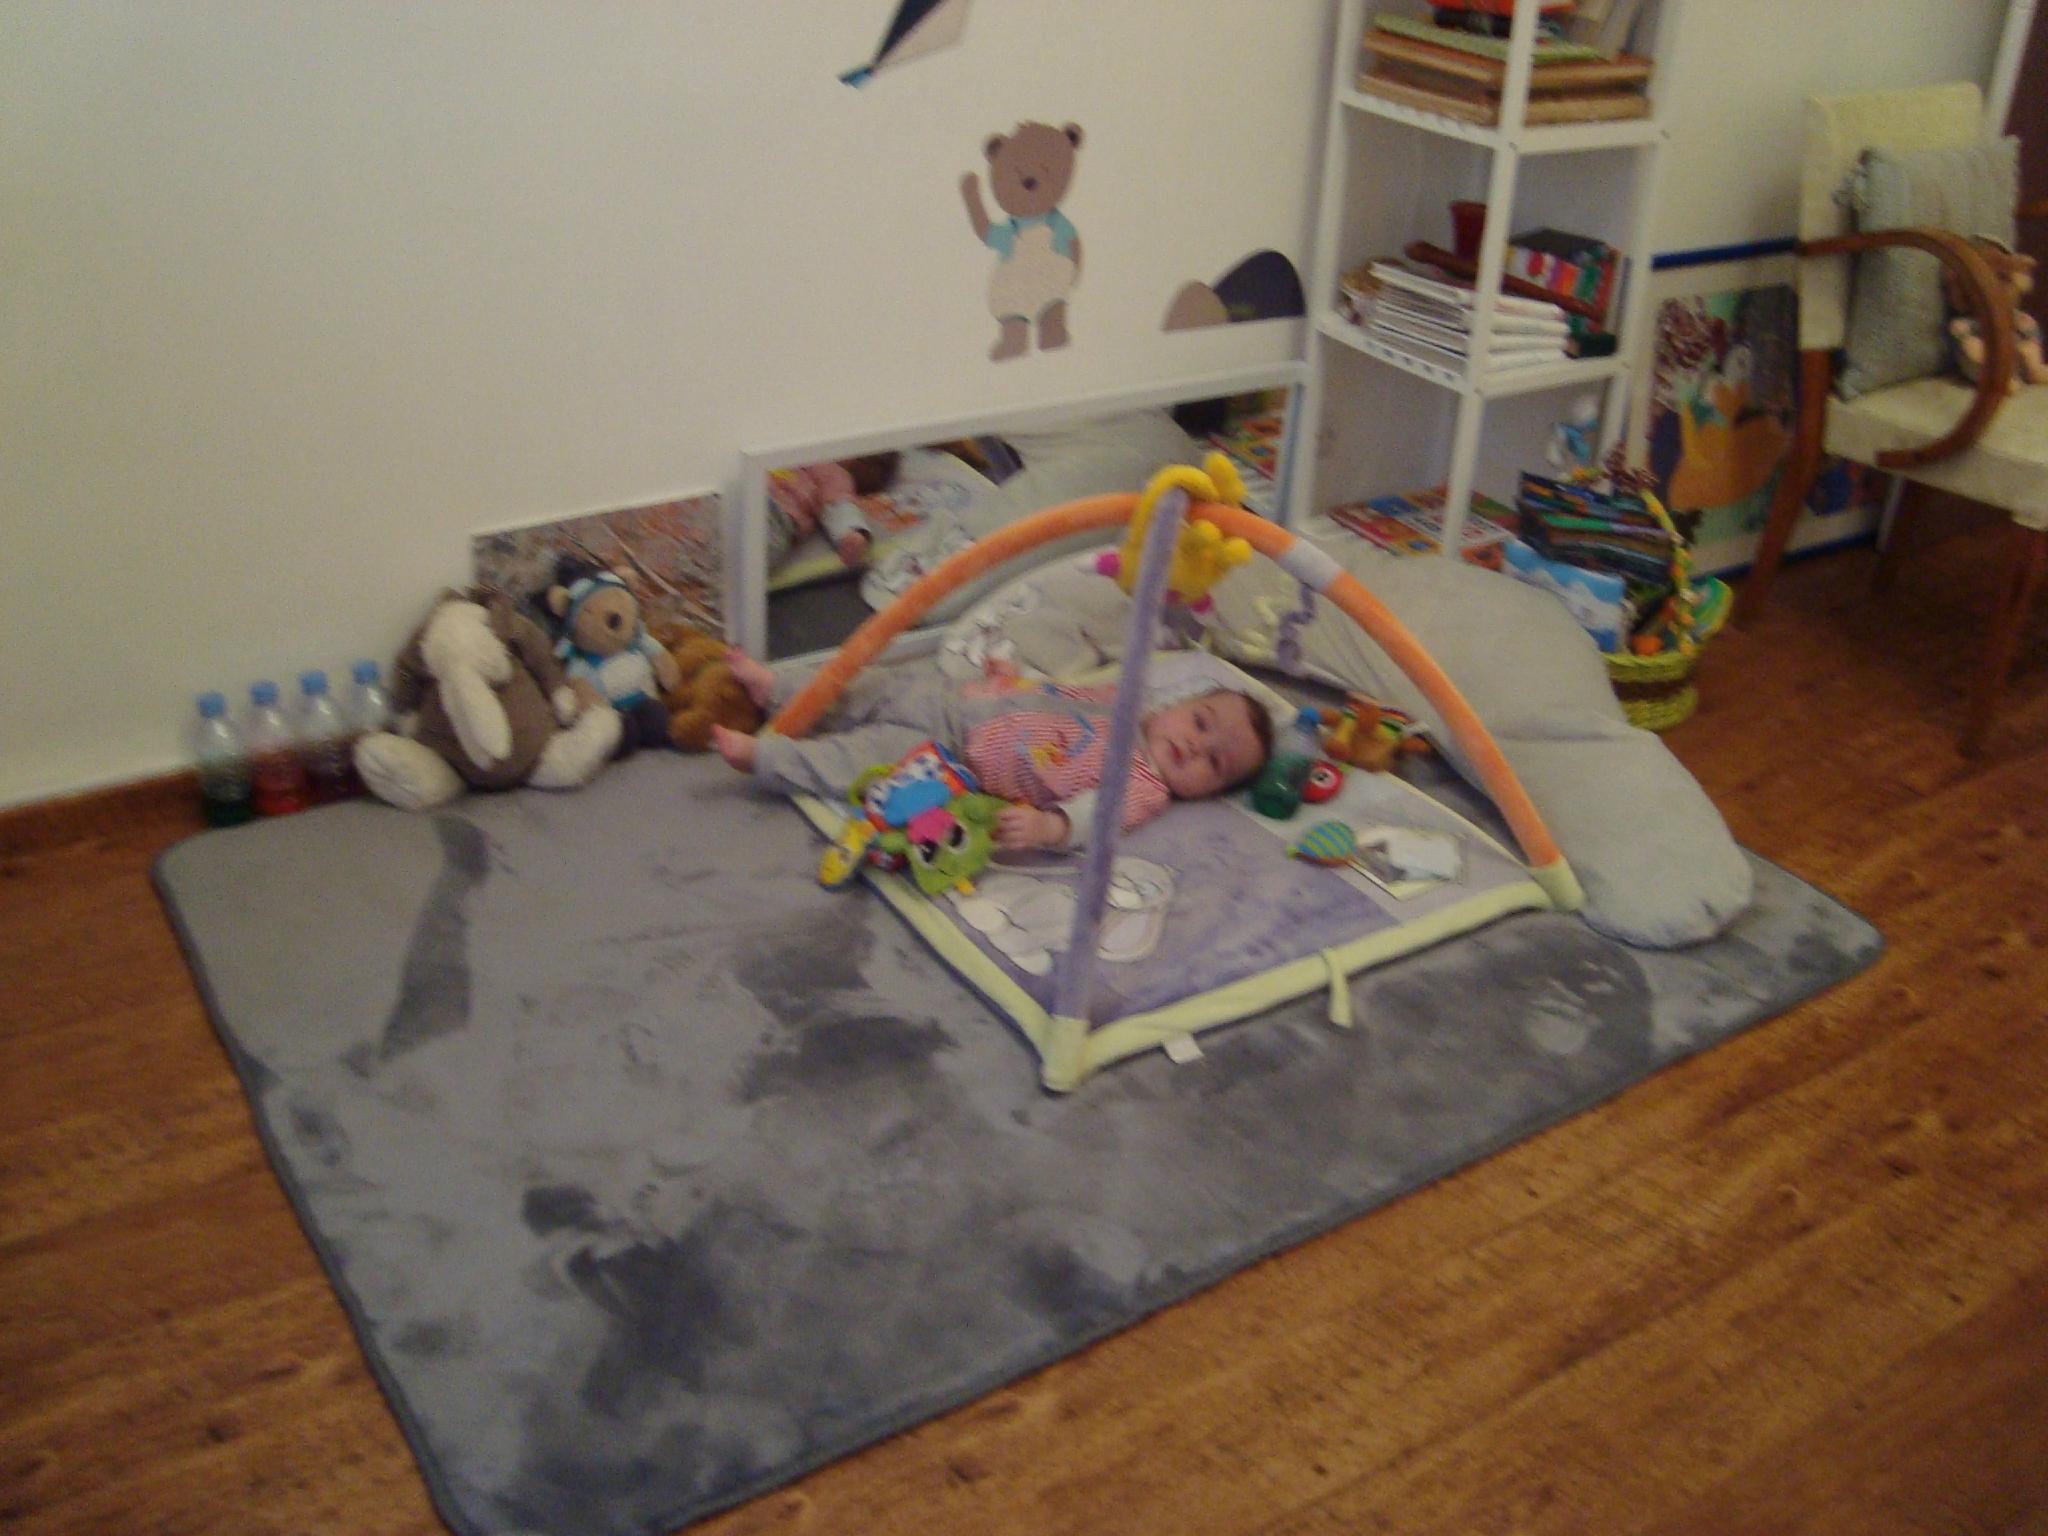 Jouet D Éveil Bébé 4 Mois - L'univers Du Bébé intérieur Bebe 6 Mois Eveil